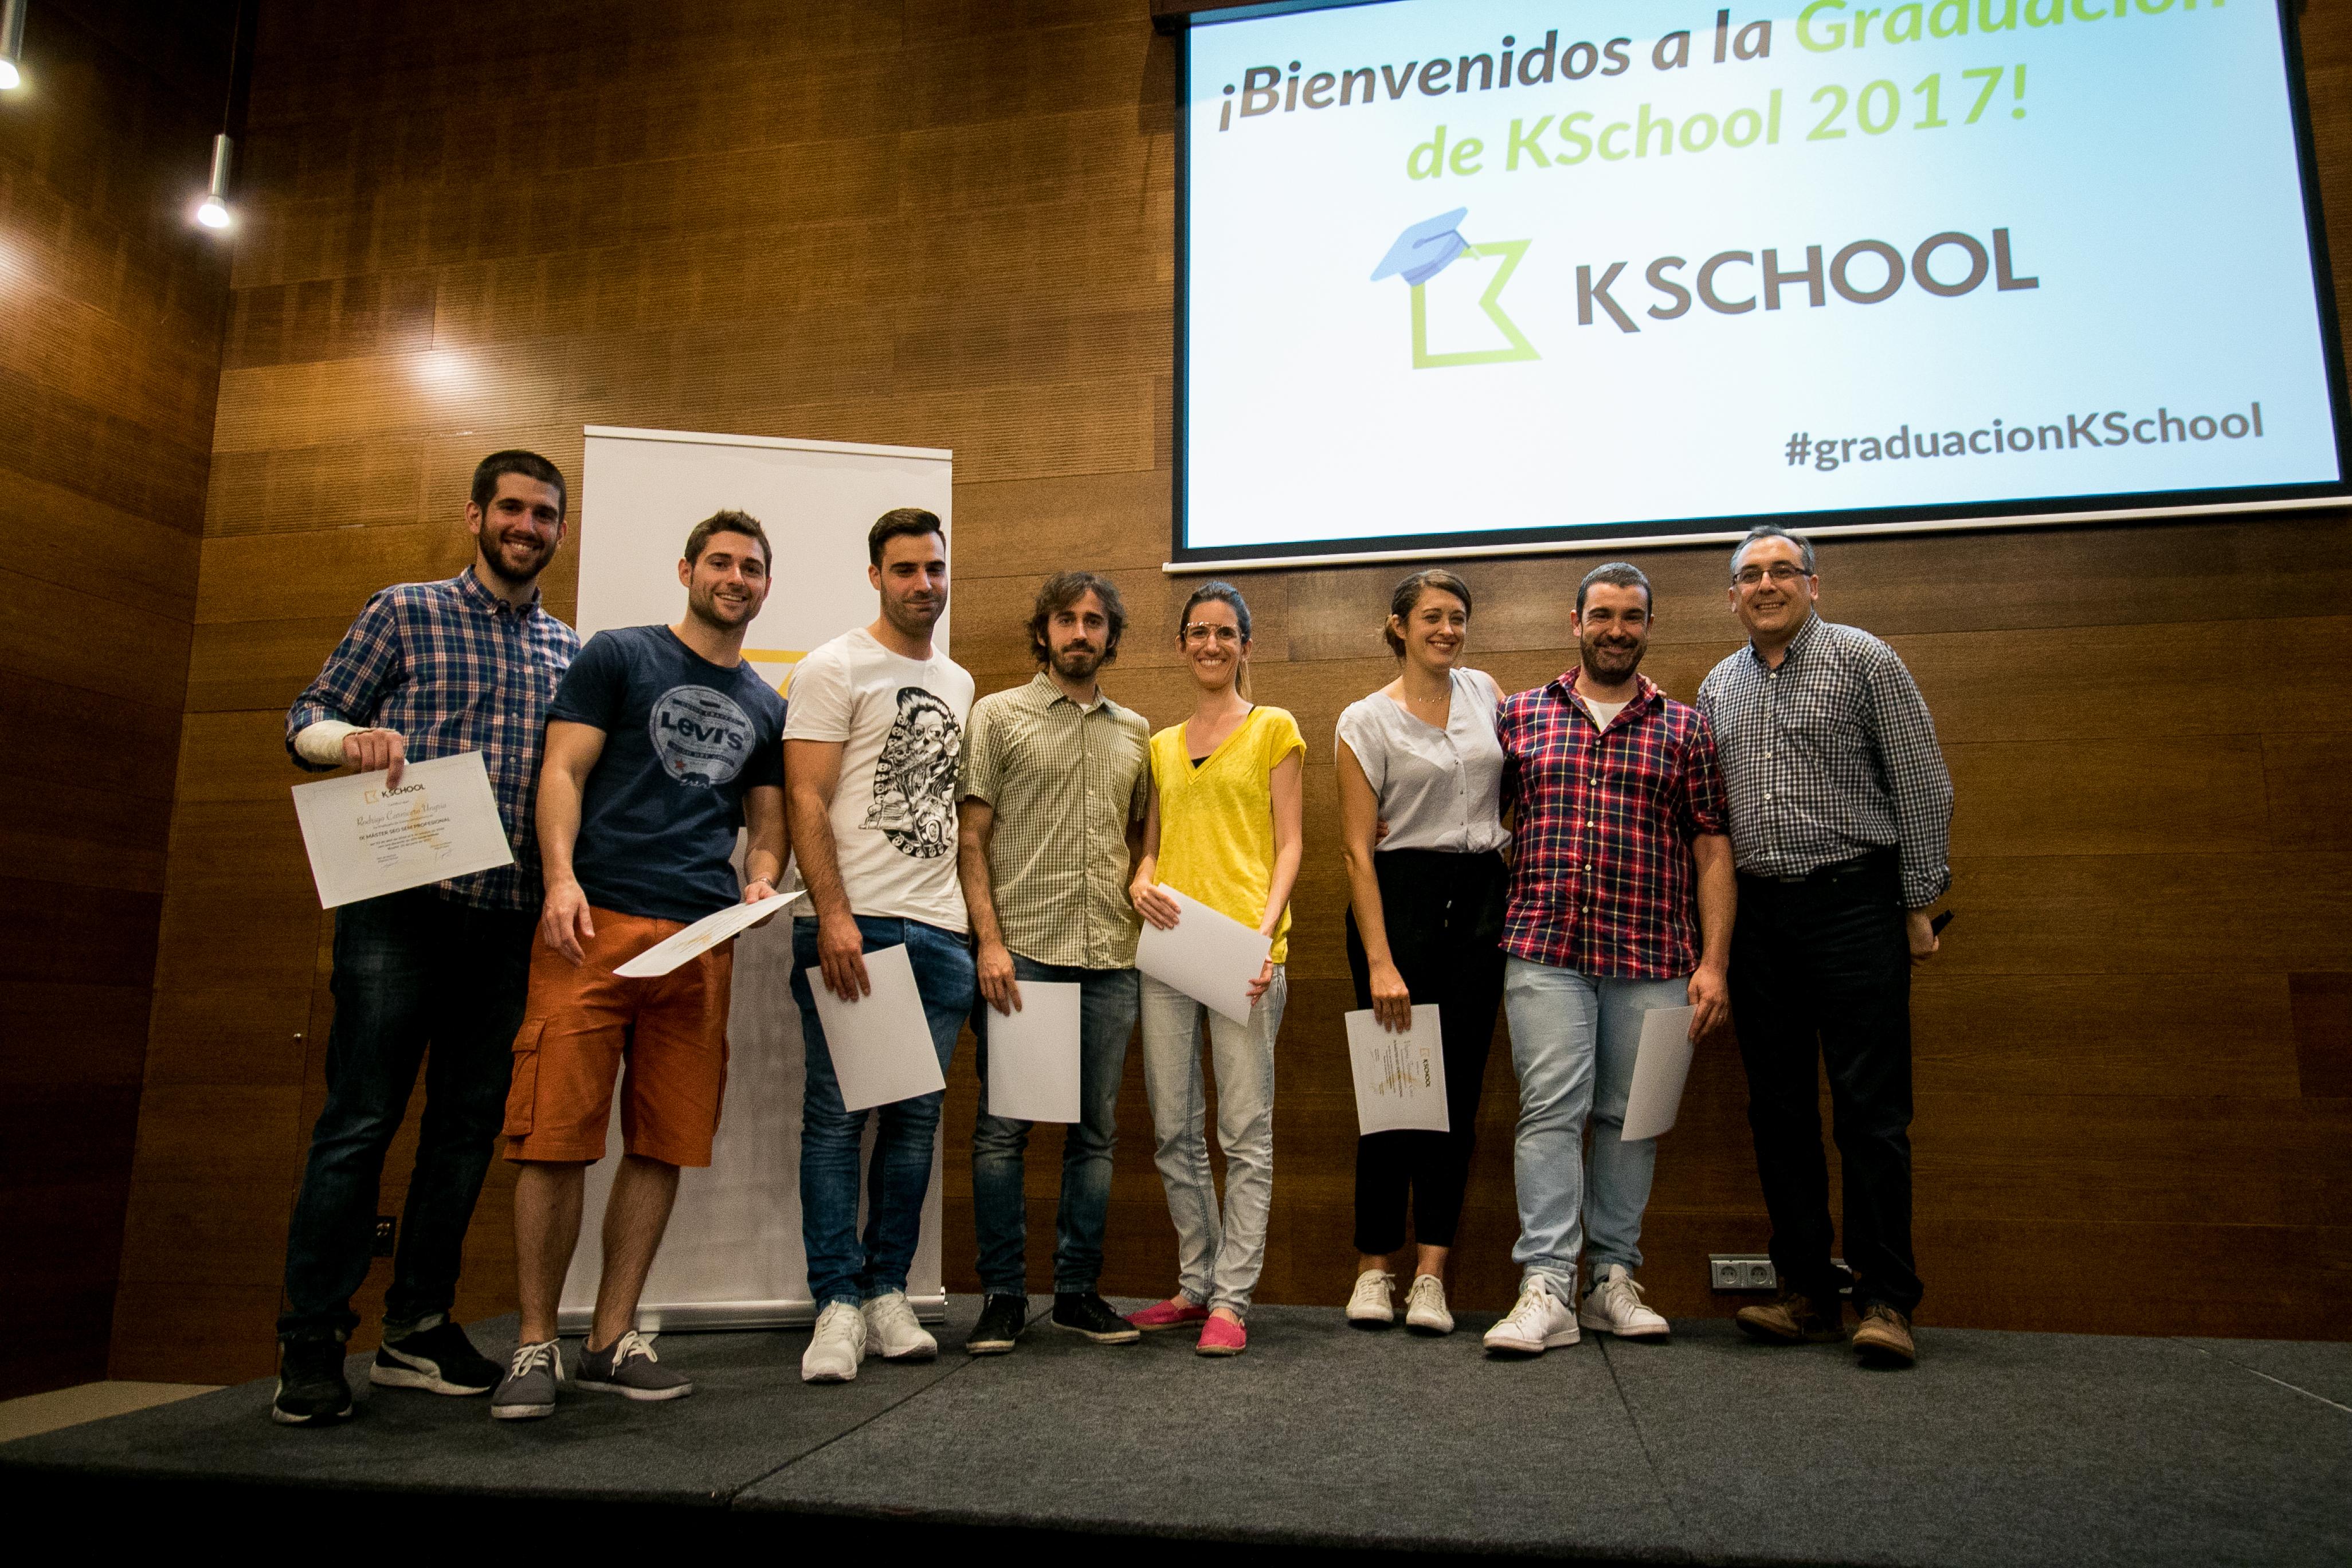 K school-22